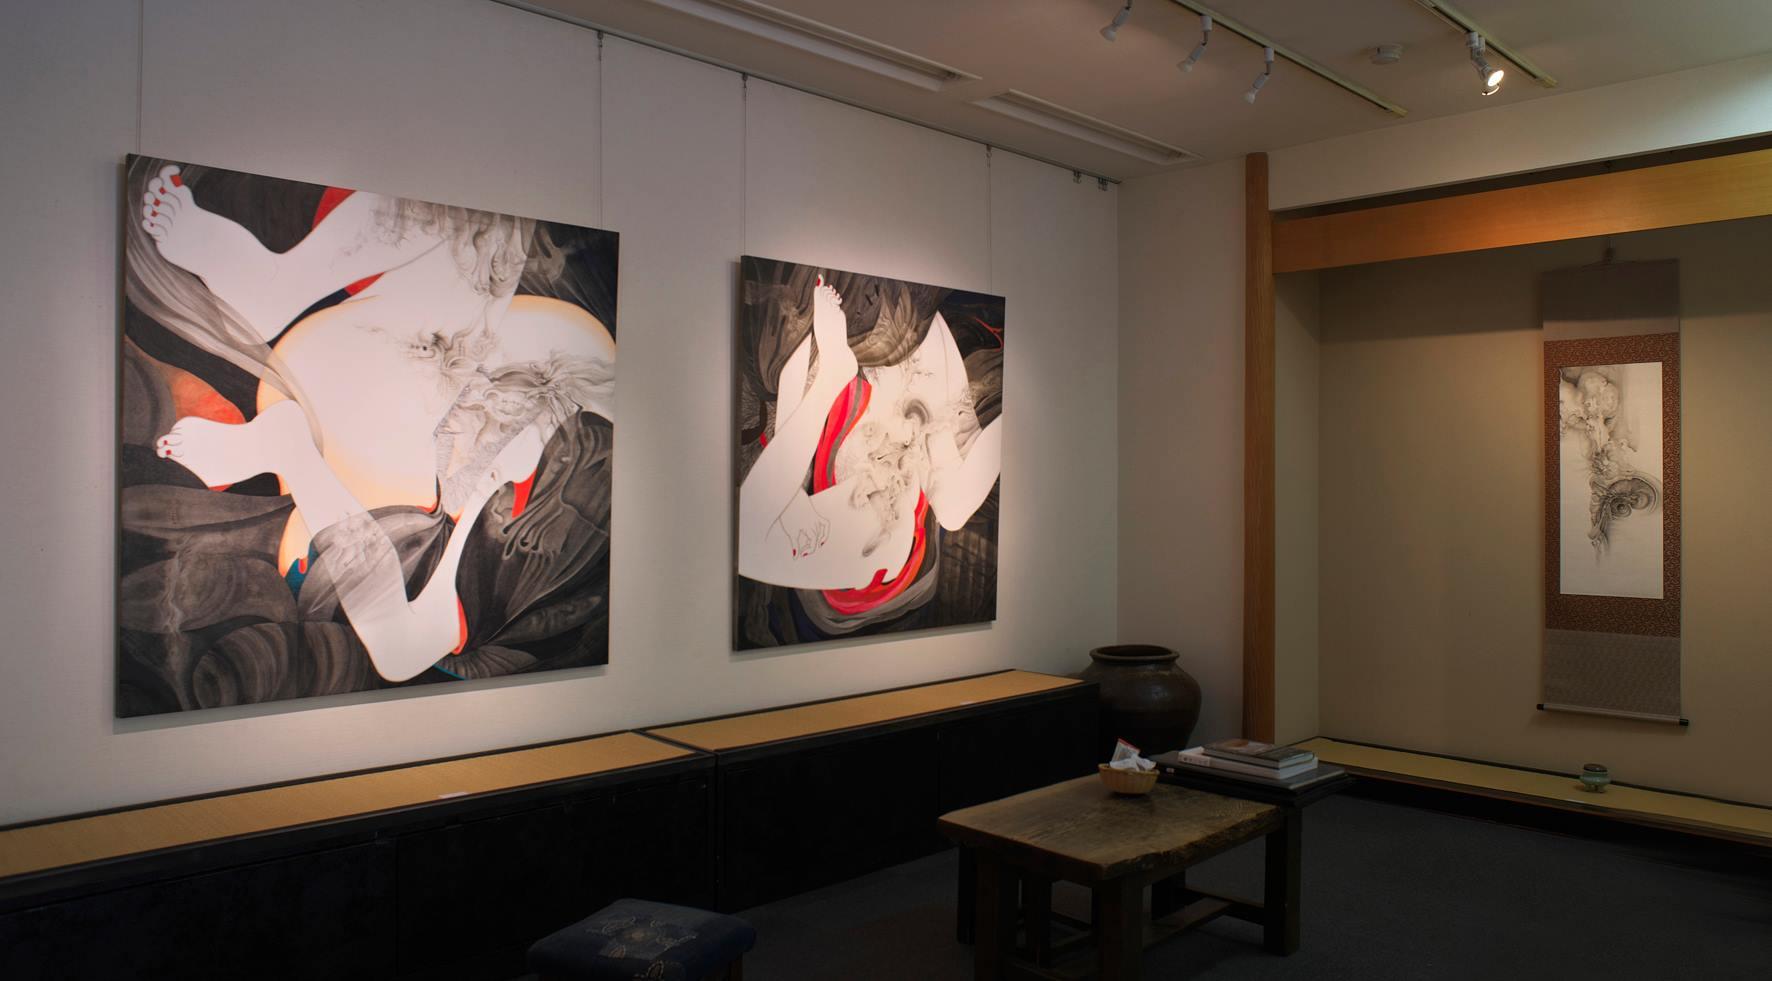 亀井三千代展「絵空言」会場風景|2017年4月17日~27日、会場:羽黒洞